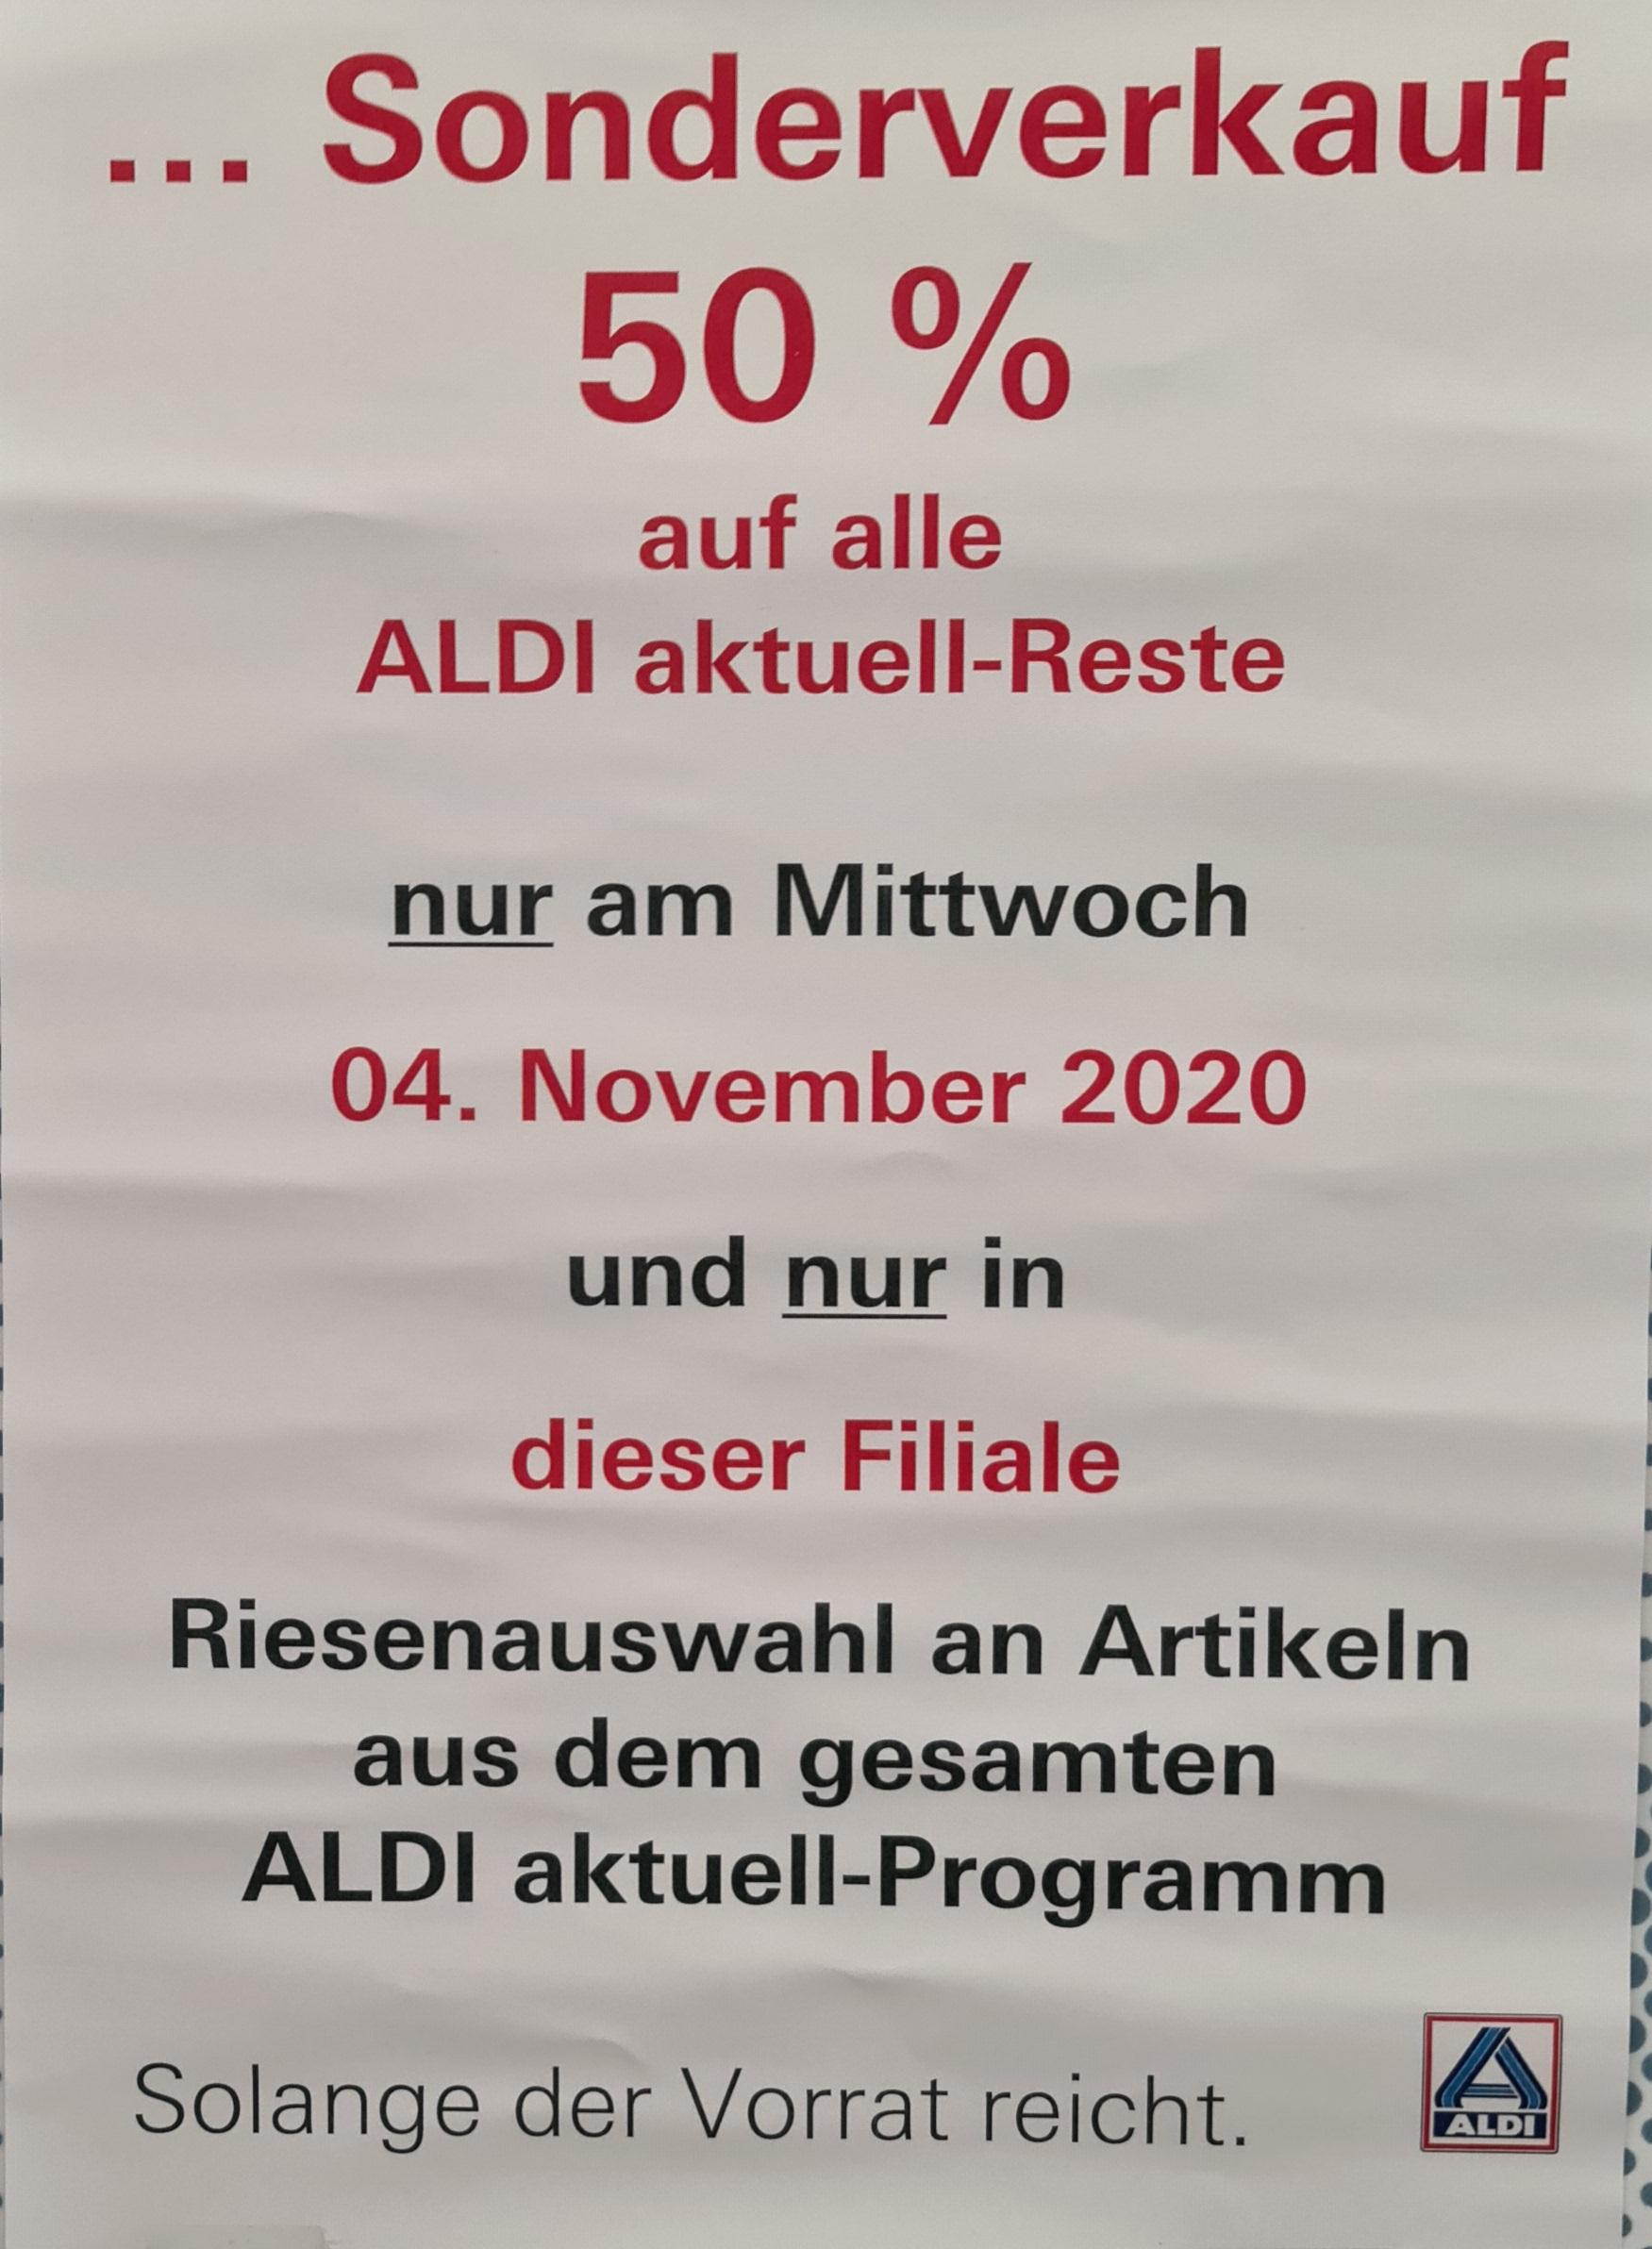 [Münster (lokal?)] Aldi Nord Sonderverkauf 50% auf alle aktuell-Reste